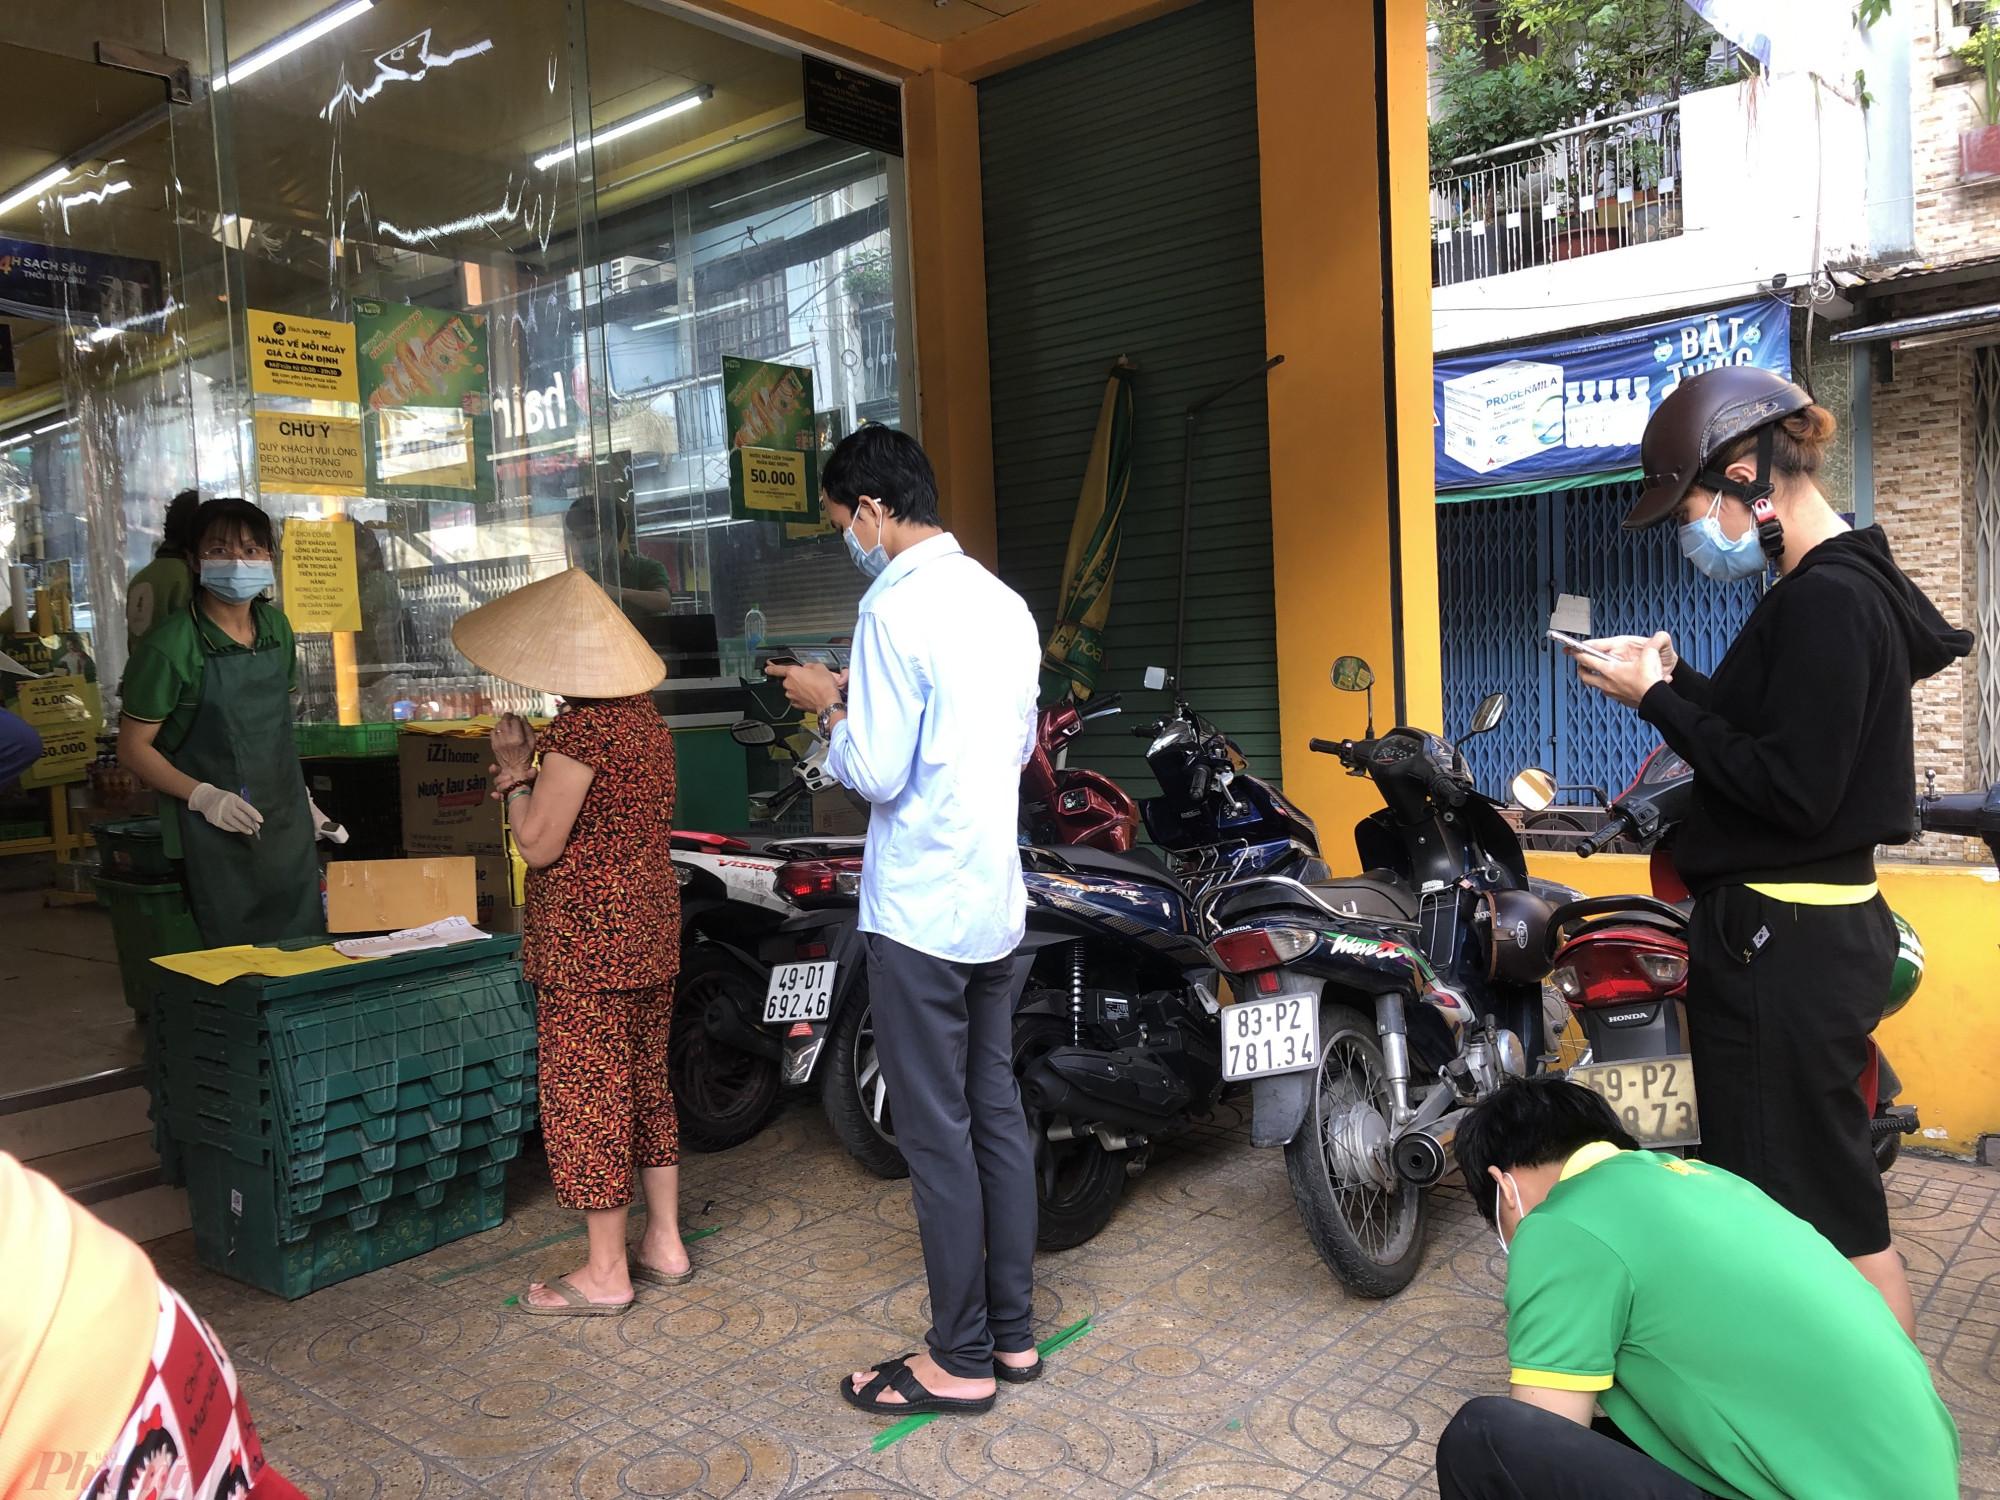 Trước Bách Hoá Xanh đường Võ Thành Trang (Q.Tân Bình, TPHCM) chỉ có vài khách chờ đến lượt vào trong.